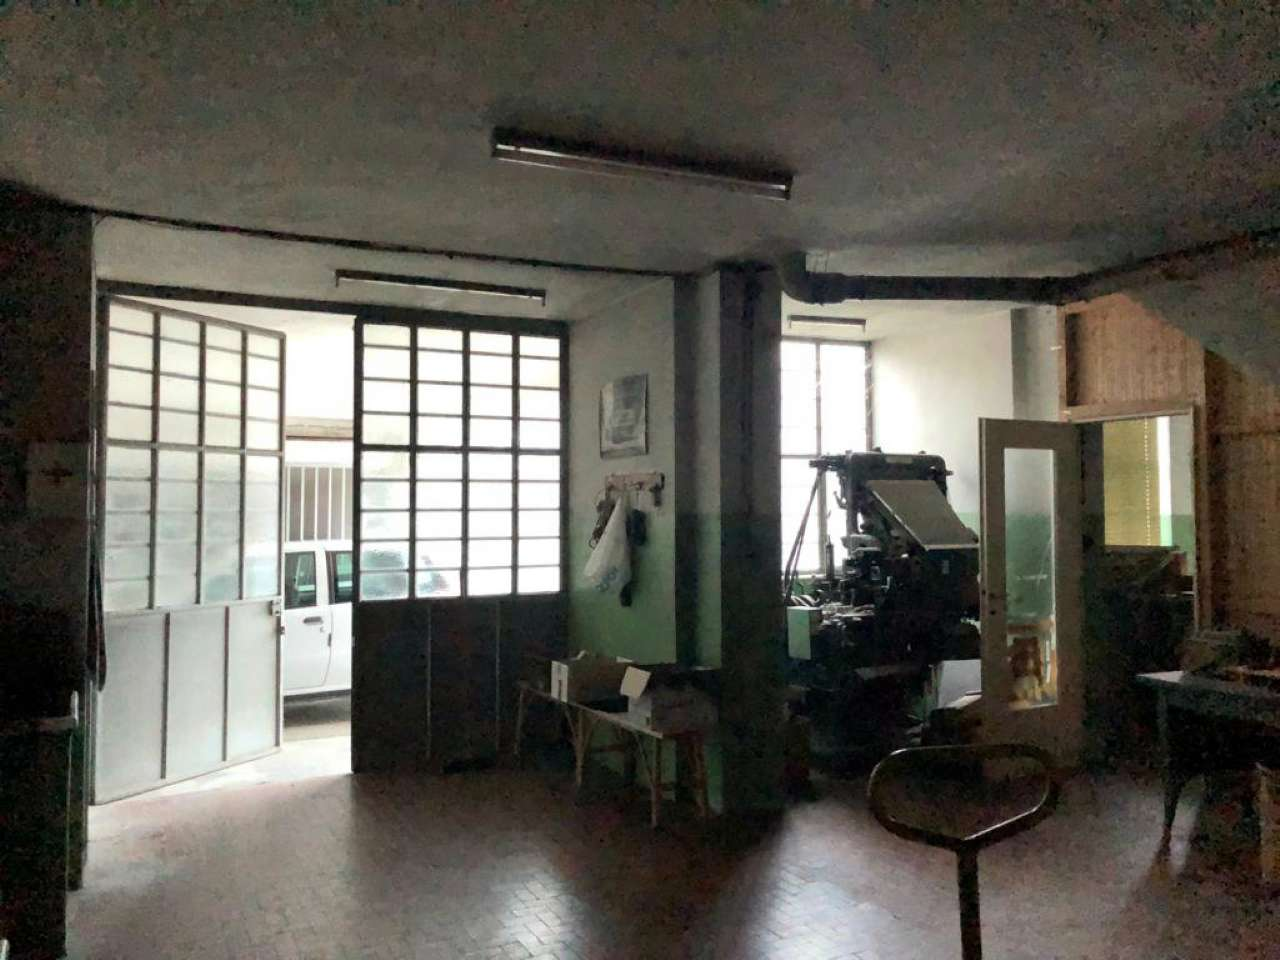 Laboratorio in vendita a Castelnuovo Don Bosco, 4 locali, prezzo € 88.000 | CambioCasa.it